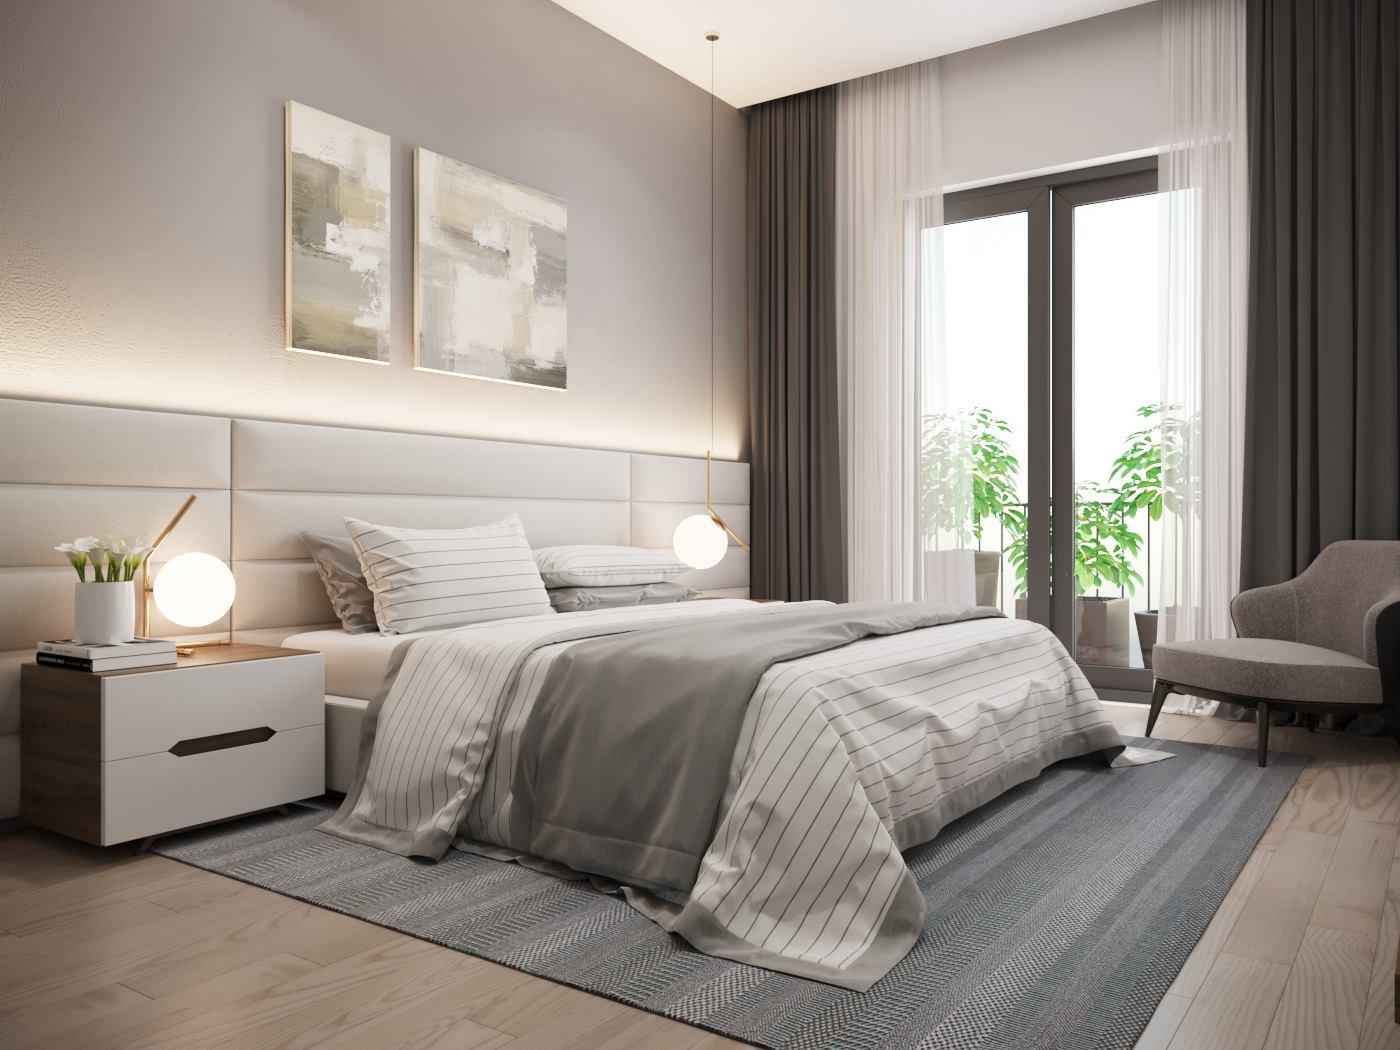 thiết kế nội thất Biệt Thự tại Quảng Bình EURO VILLAGE HOUSE 9 1531705855